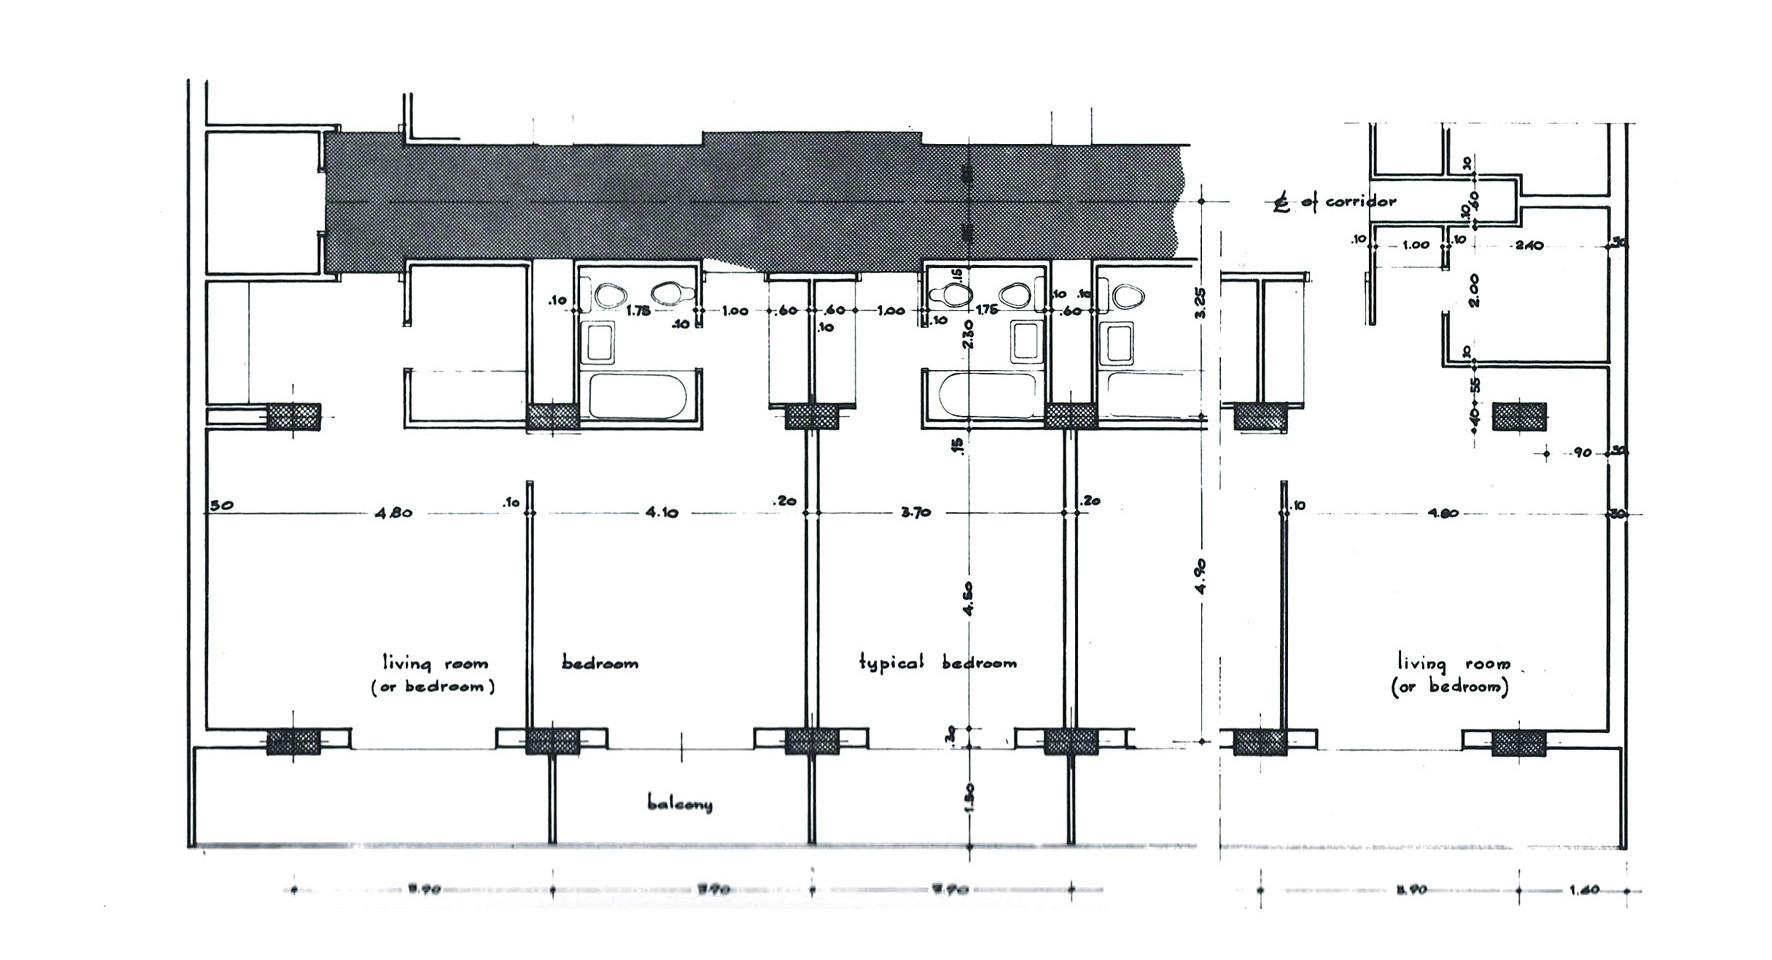 Luxor Hilton Plan Detail